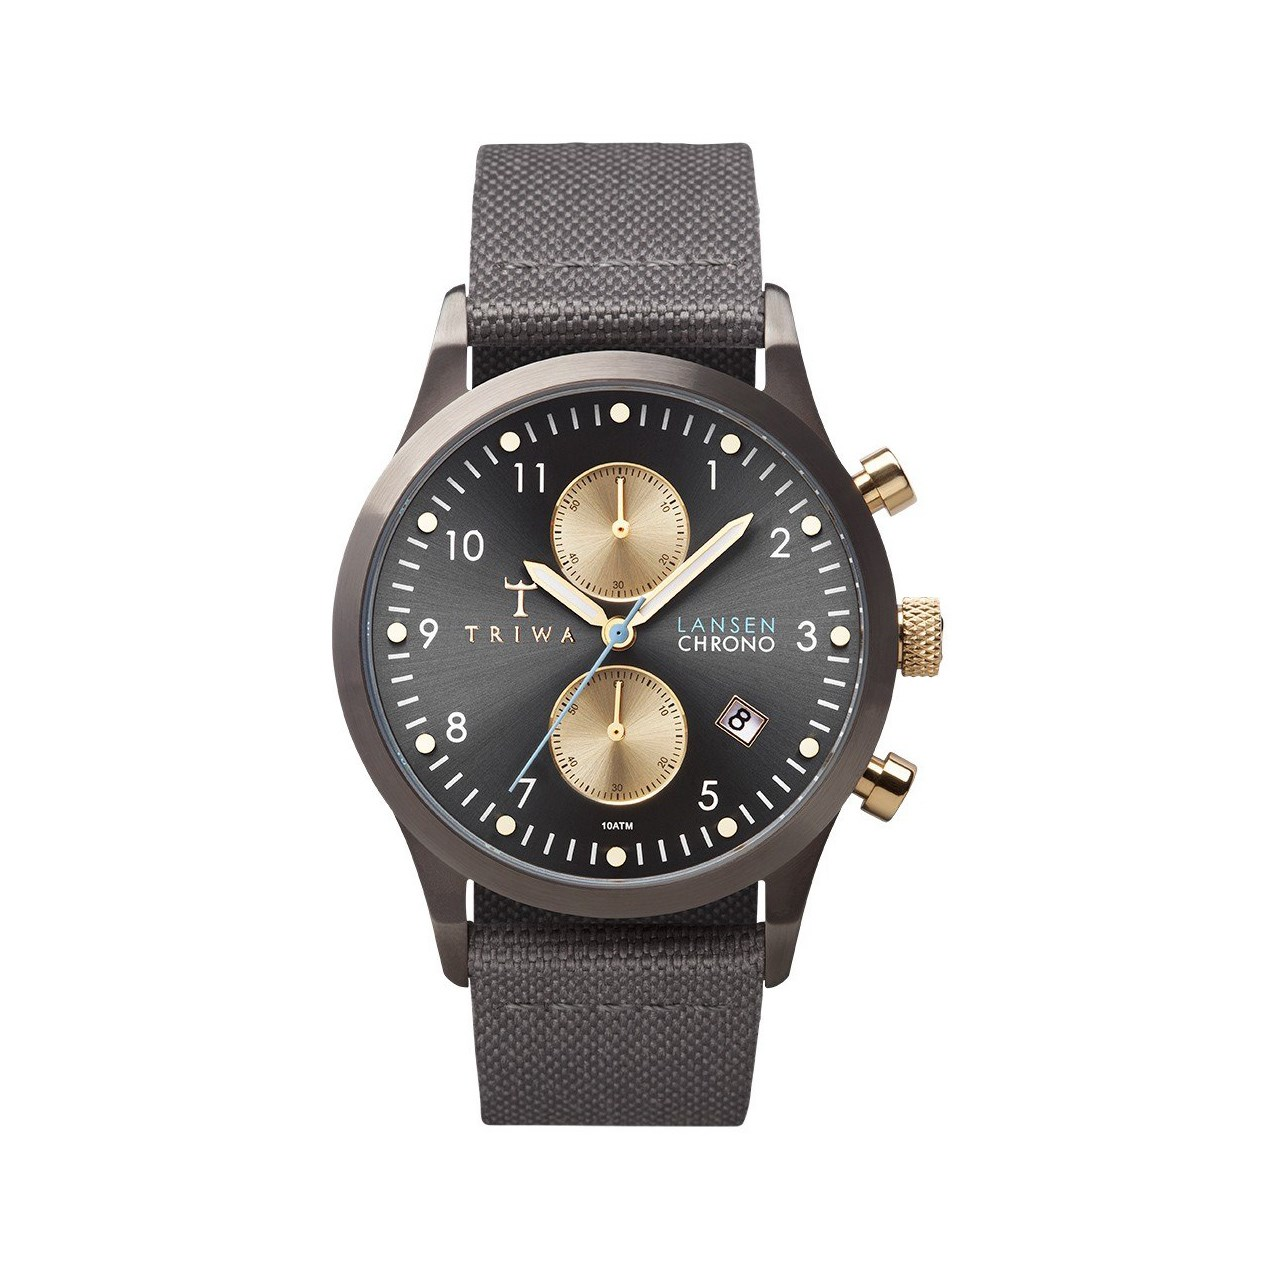 ساعت عقربه ای تریوا مدل Walter lansen chrono 43